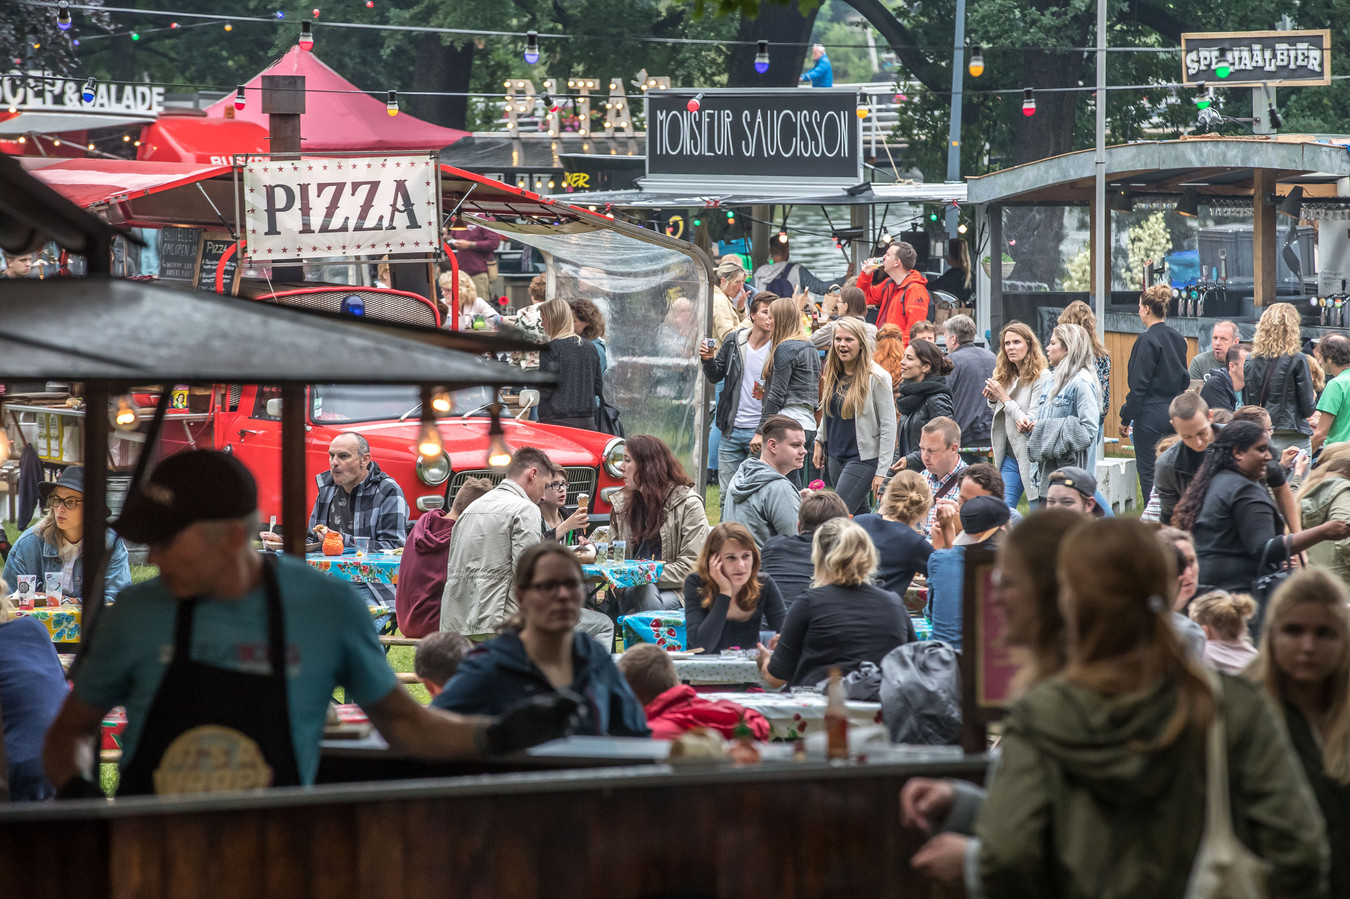 Foodtruckfestival Lepeltje Lepeltje strijkt weer neer in Zwolle, komend weekeinde. Ditmaal in Park Wezenlanden.